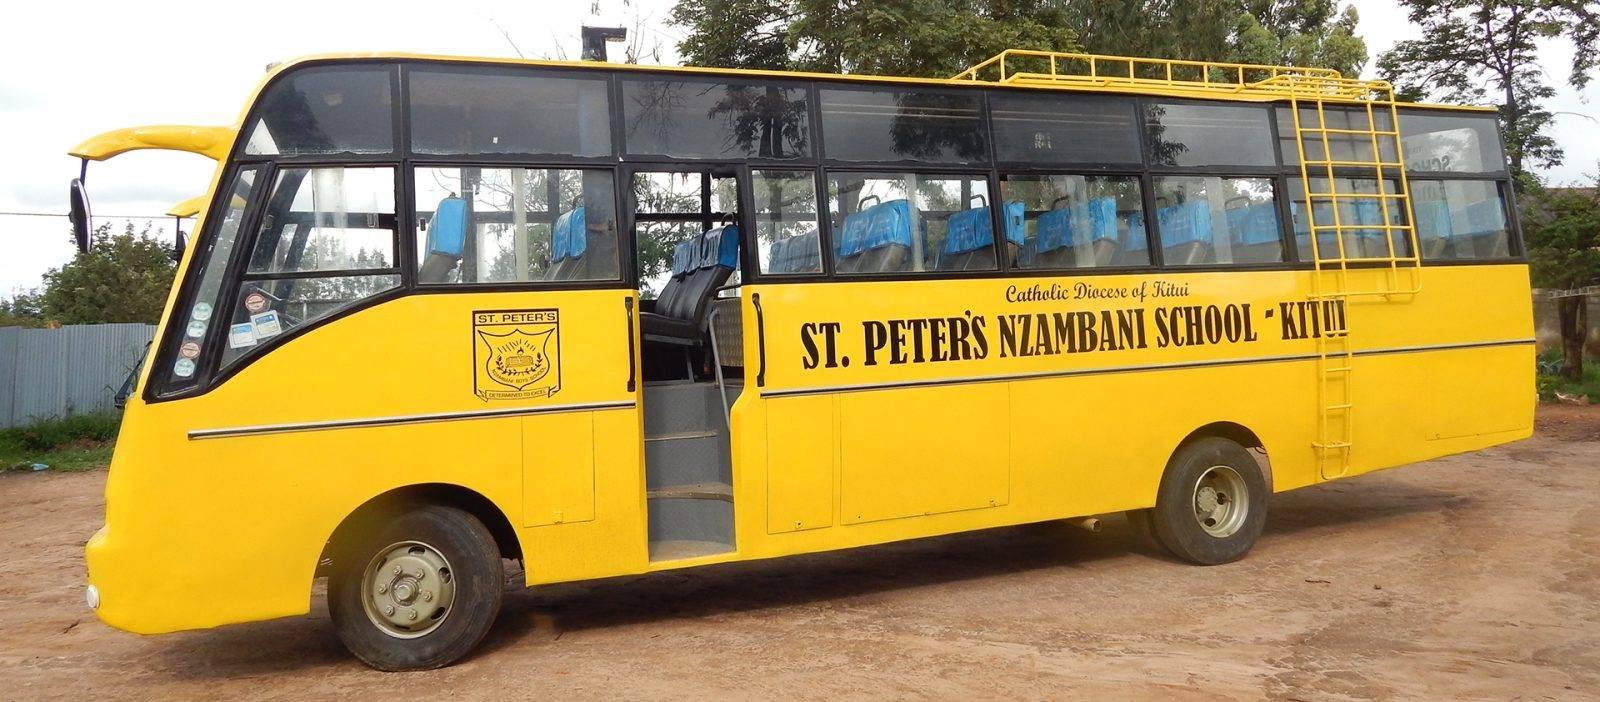 ST.PETER'S NZAMBANI BOYS